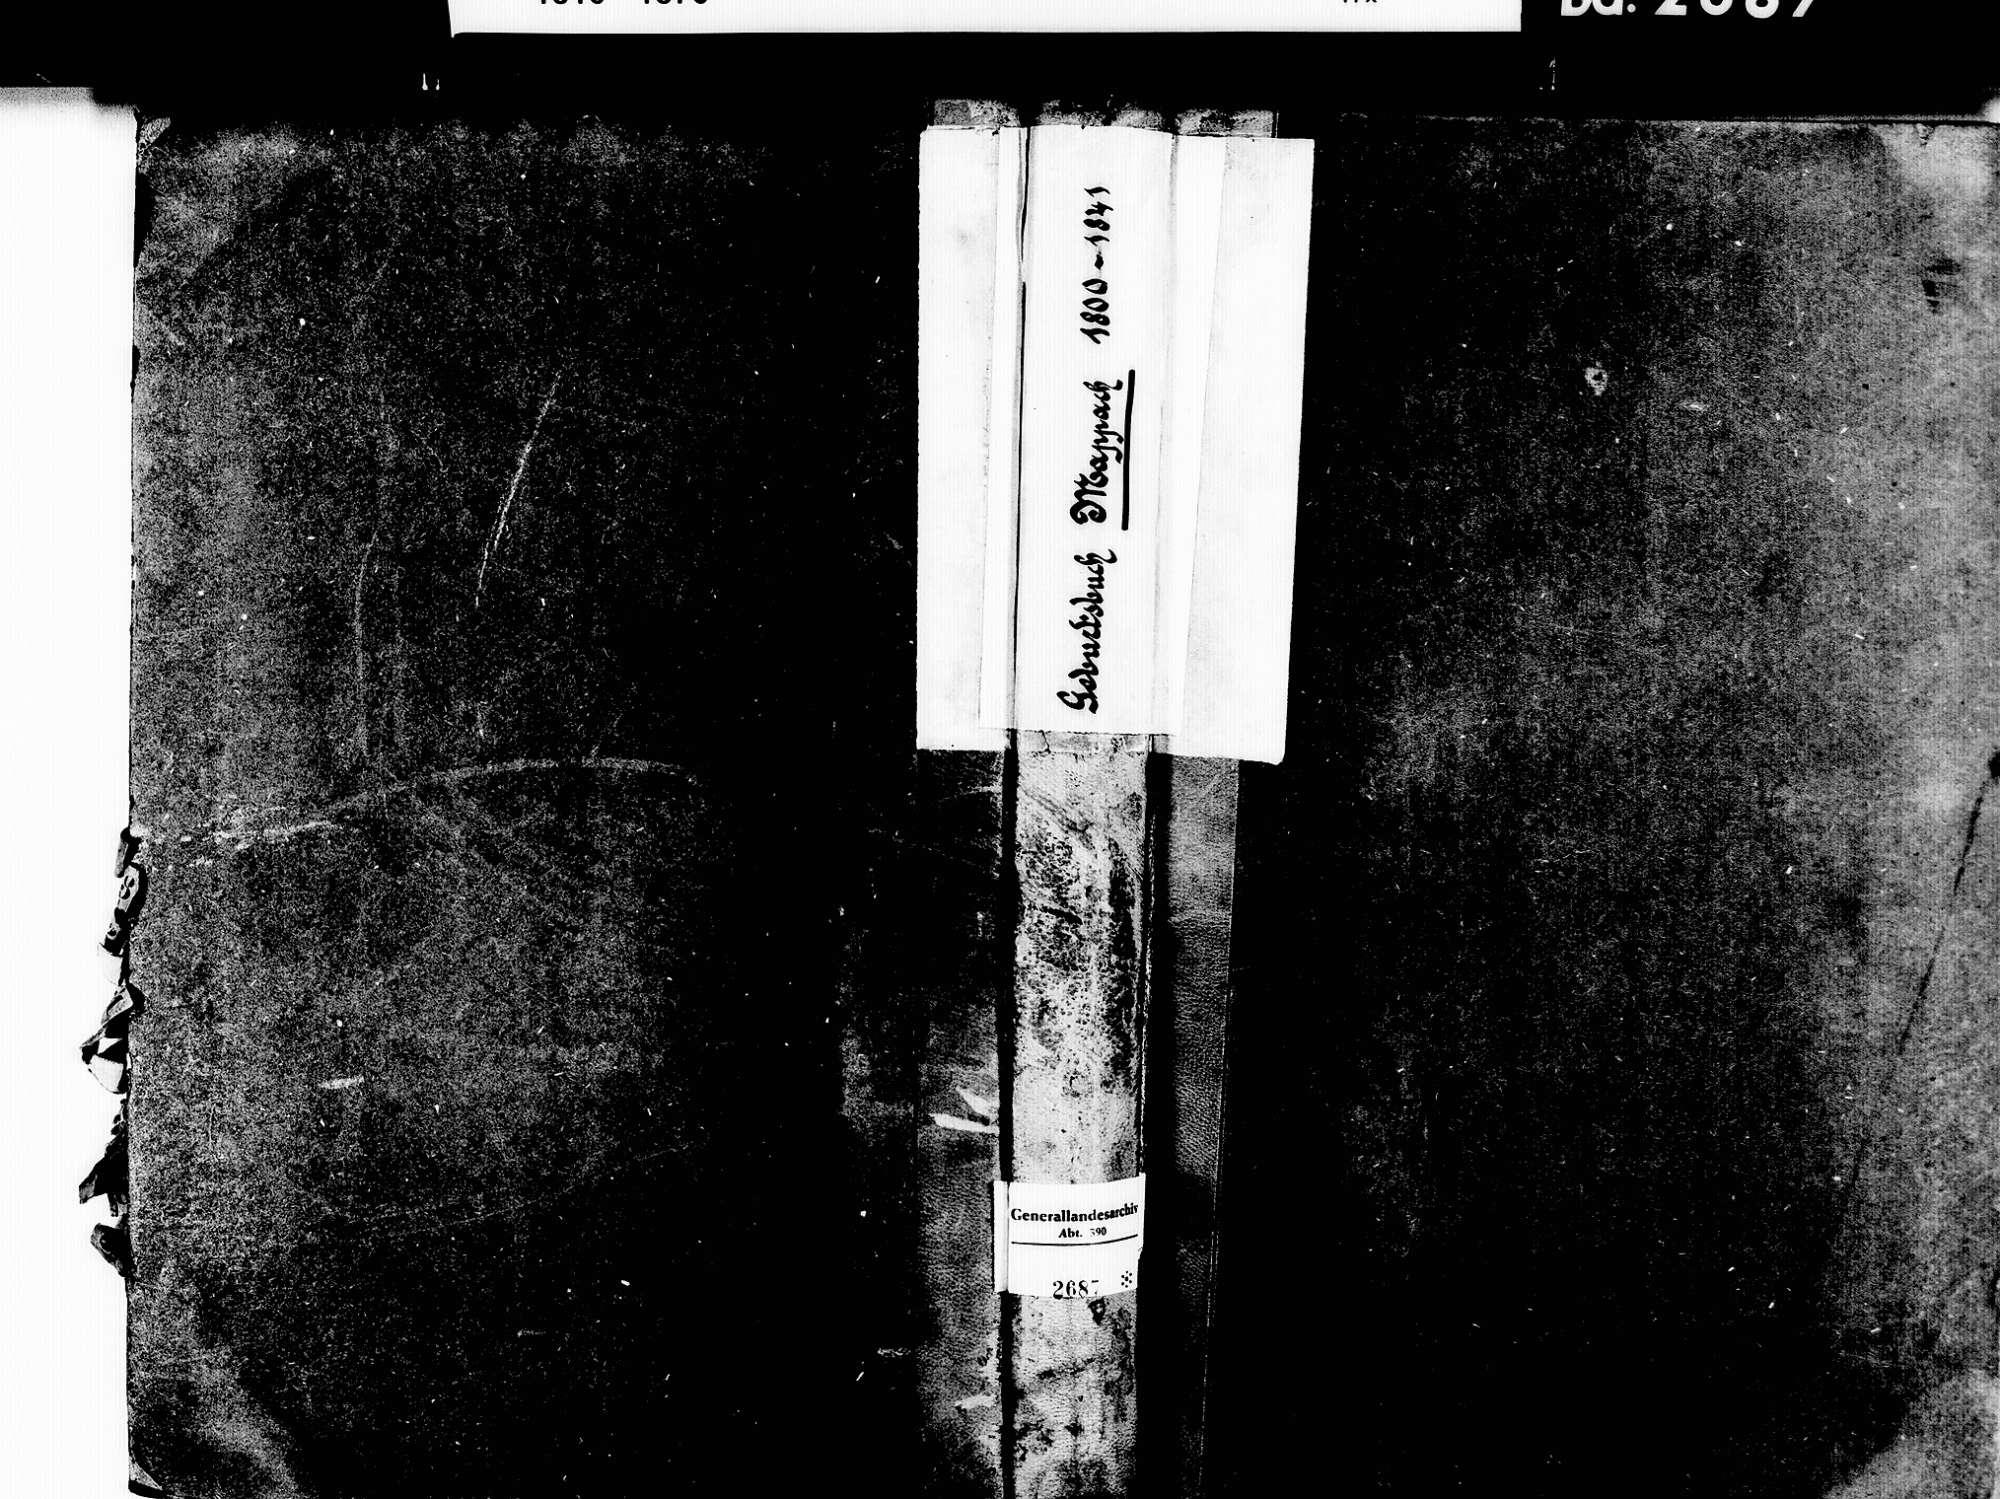 Mappach, Efringen-Kirchen LÖ; Evangelische Gemeinde: Geburtenbuch 1800-1841 Mappach, Efringen-Kirchen LÖ; Evangelische Gemeinde: Heiratsbuch 1808, Bild 1